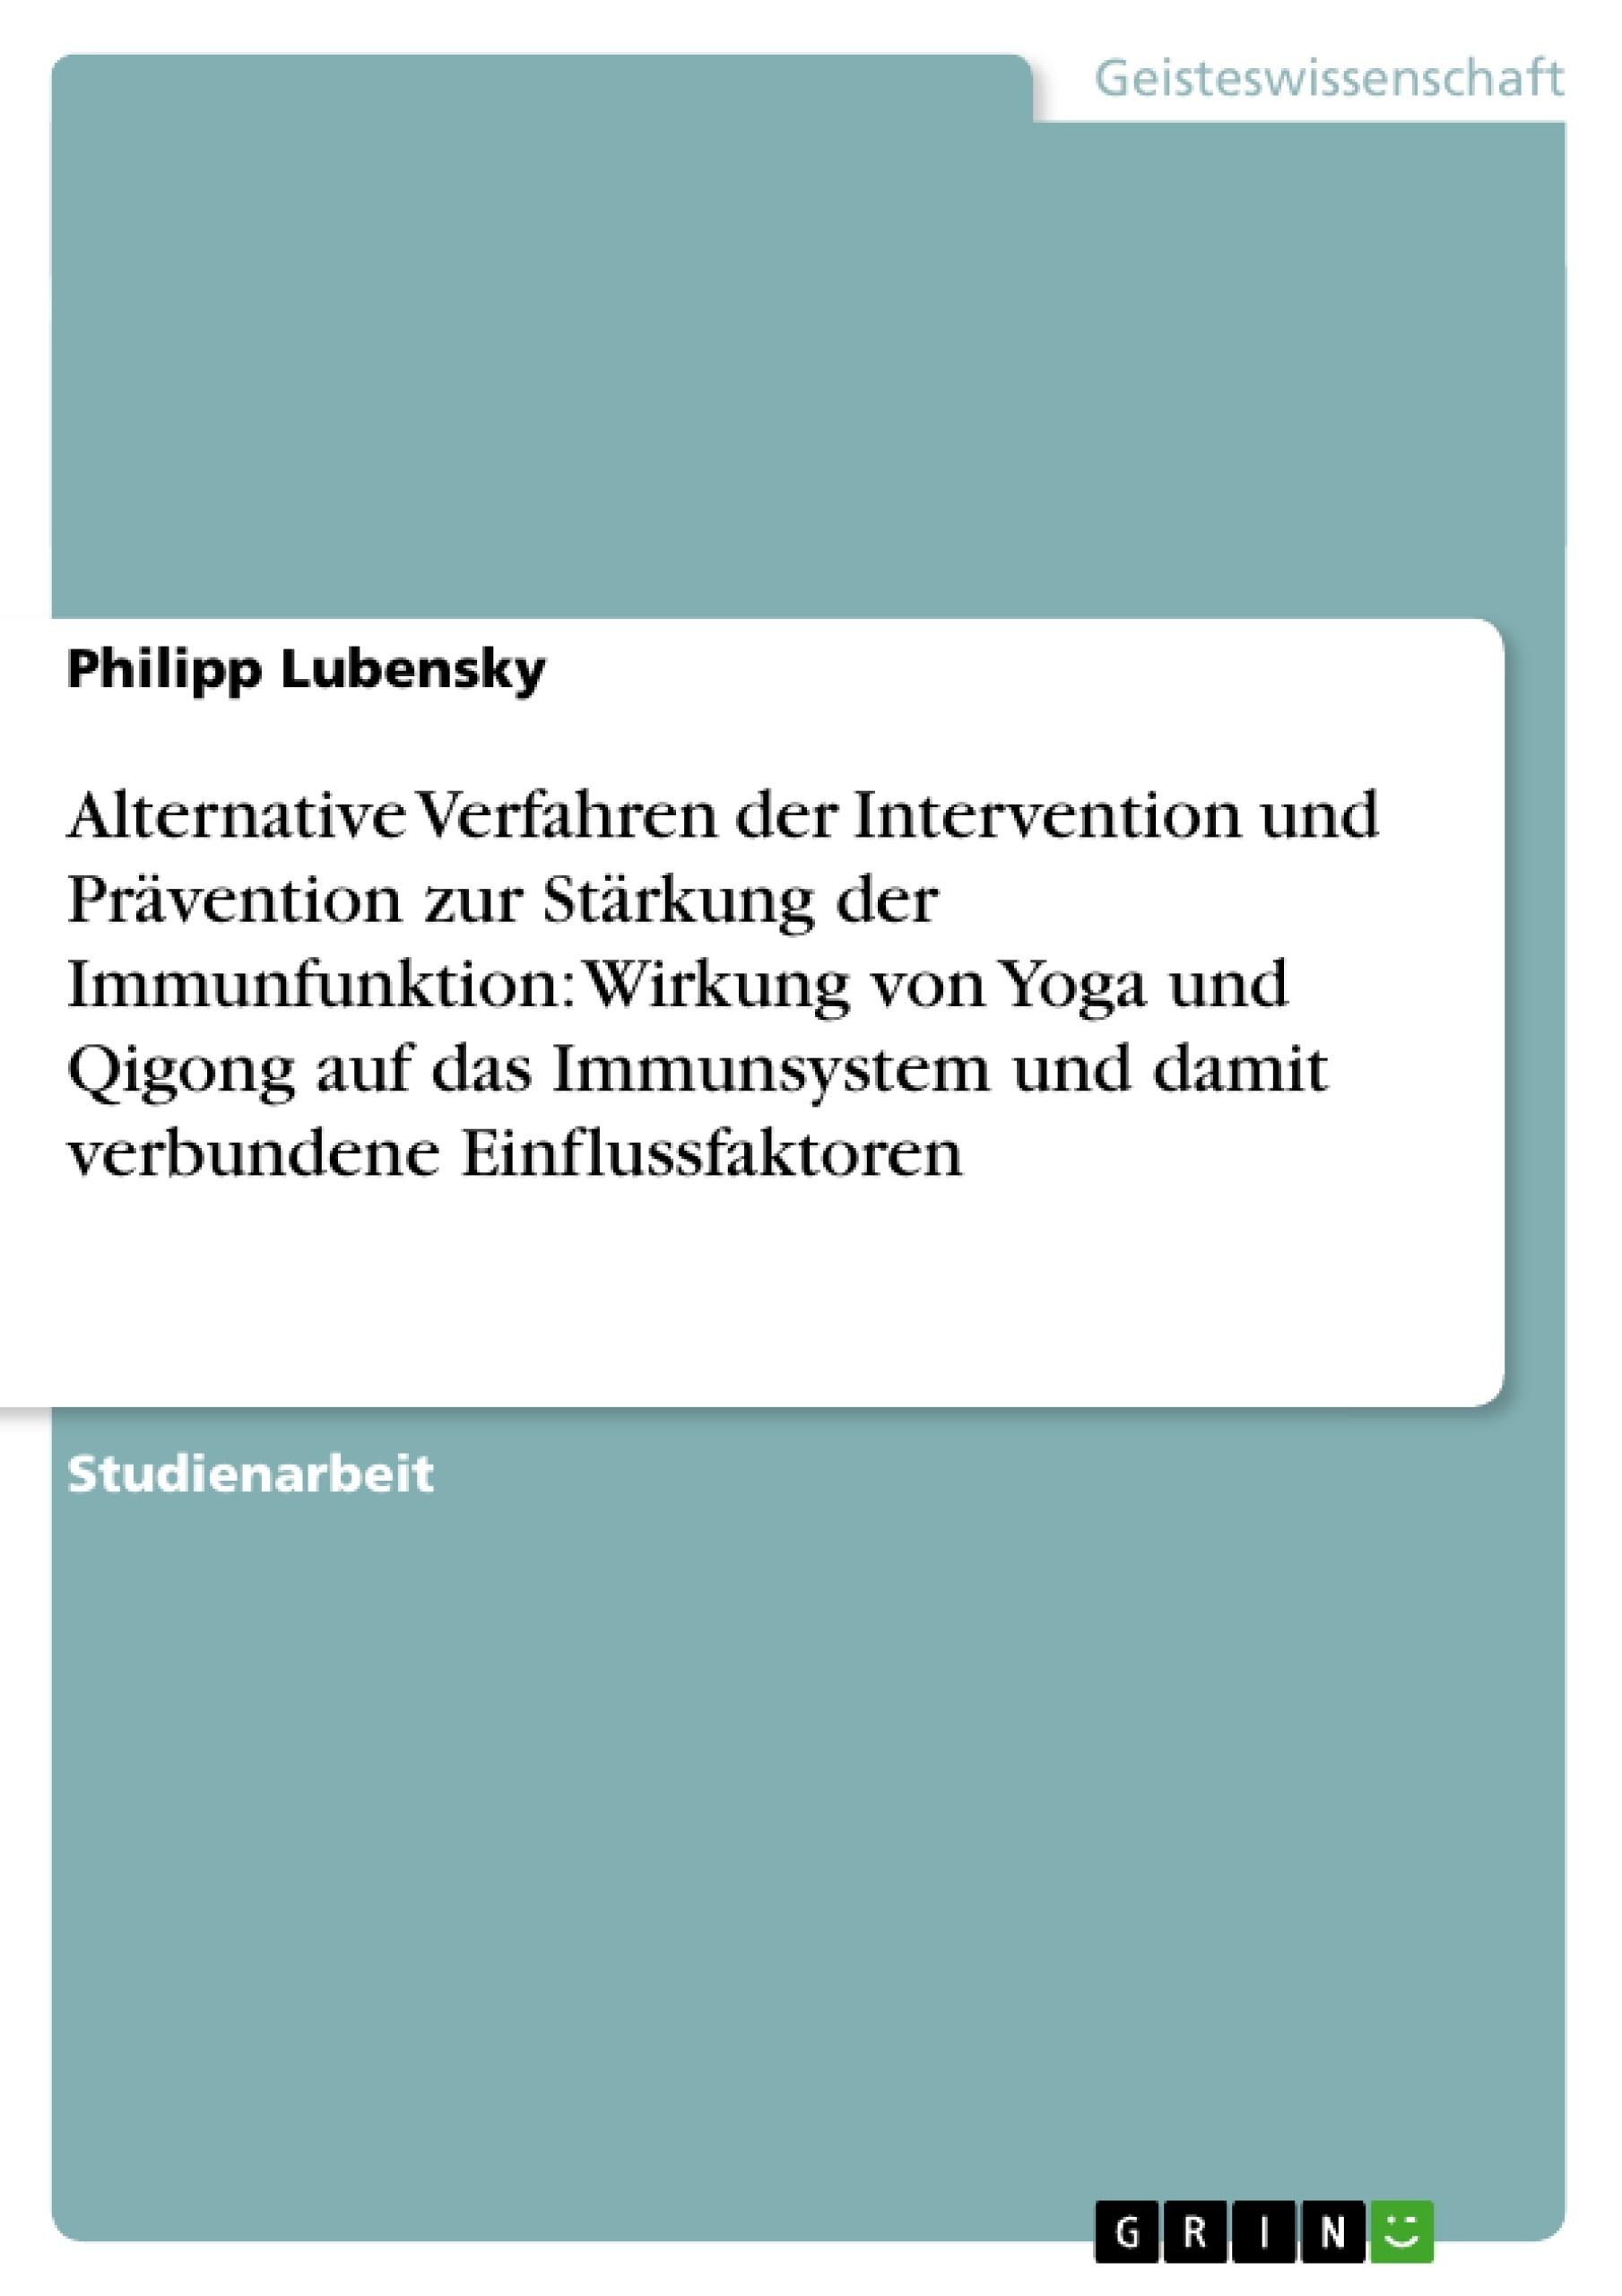 Titel: Alternative Verfahren der Intervention und Prävention zur Stärkung der Immunfunktion: Wirkung von Yoga und Qigong auf das Immunsystem und damit verbundene Einflussfaktoren